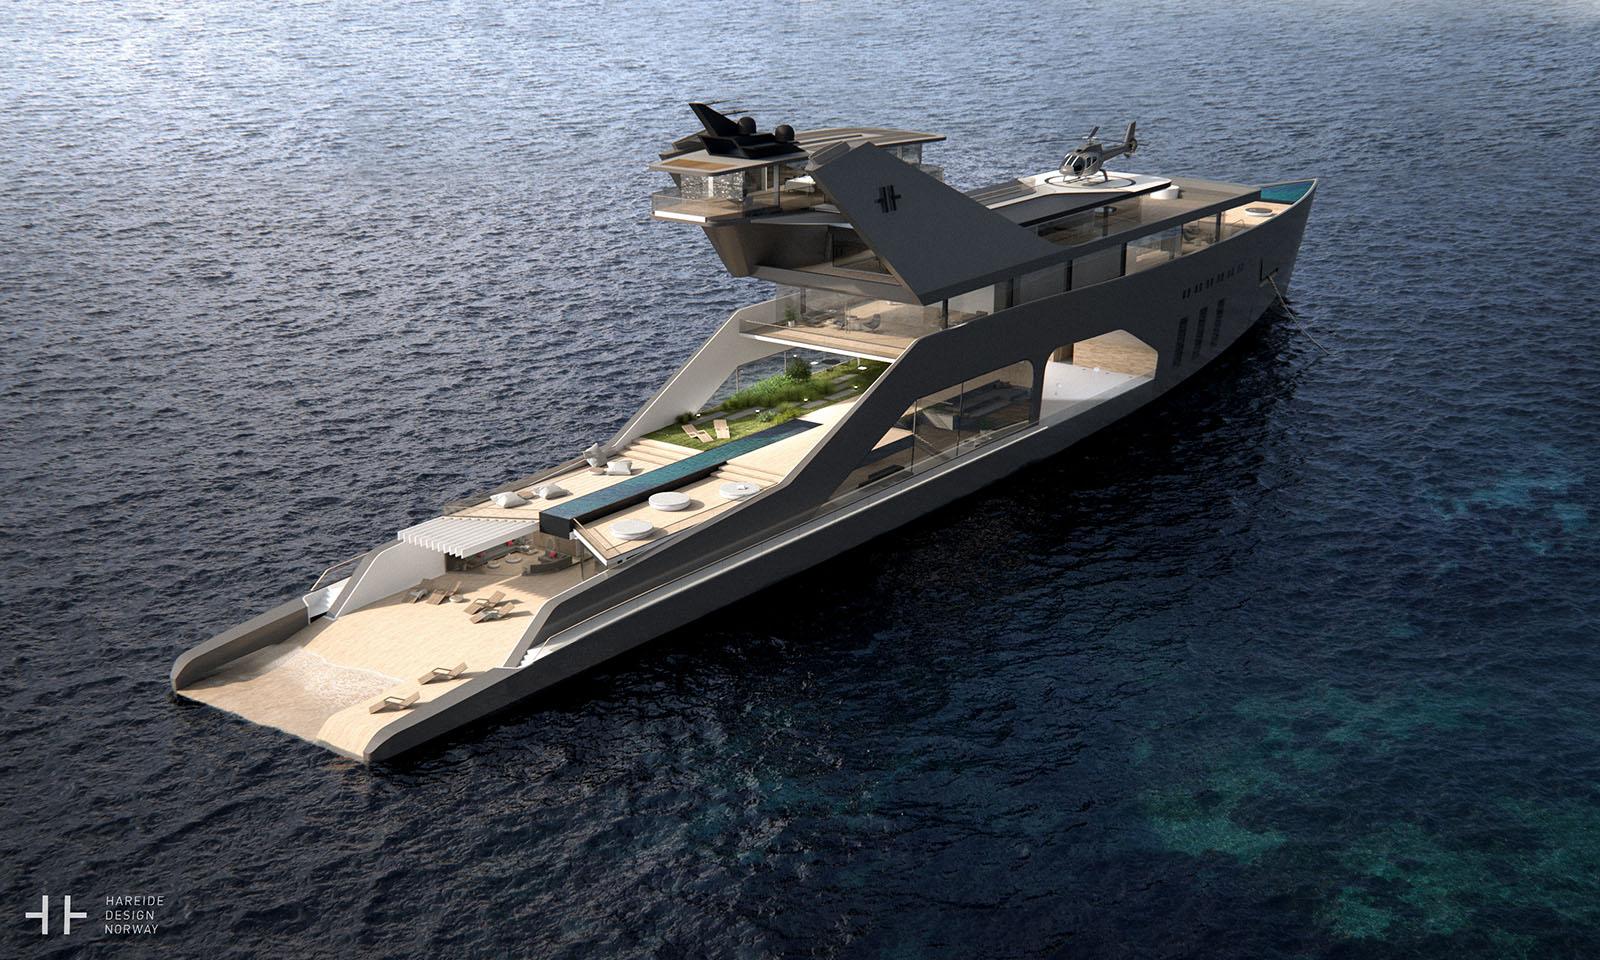 Mit der 108M Mega Yacht hat man den eigenen Strand mit an Board 1